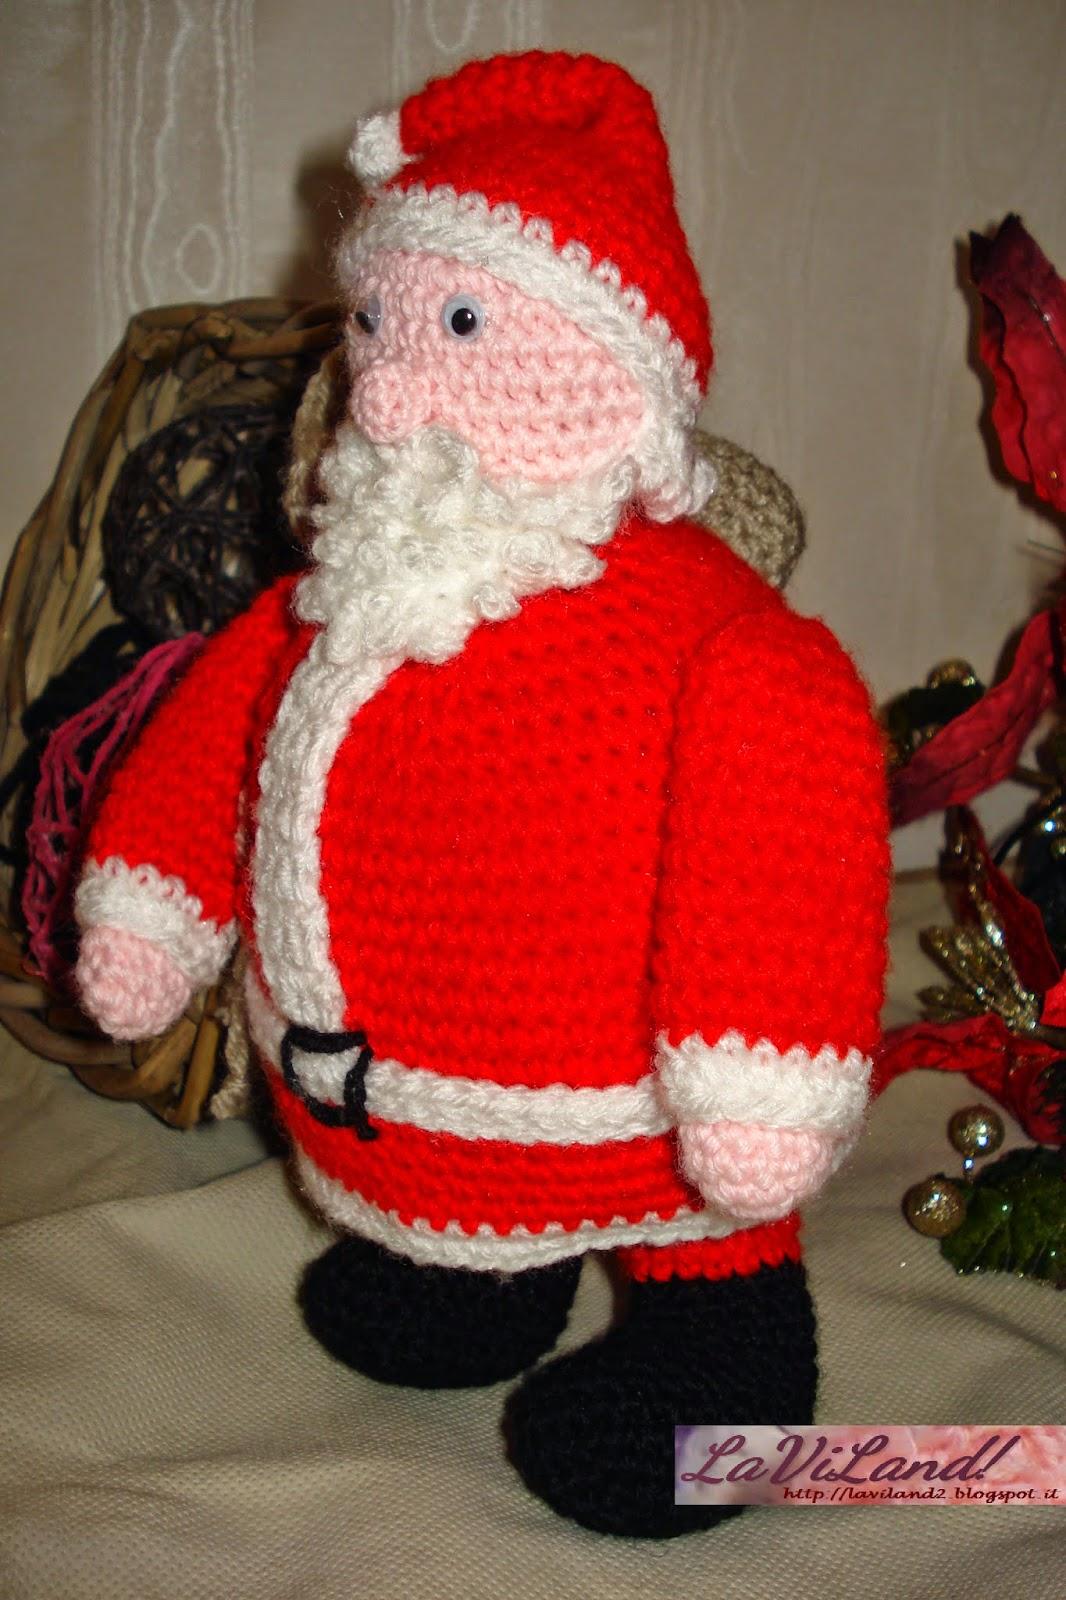 Tutorial Amigurumi Babbo Natale Uncinetto : Laviland: Babbo Natale Amigurumi